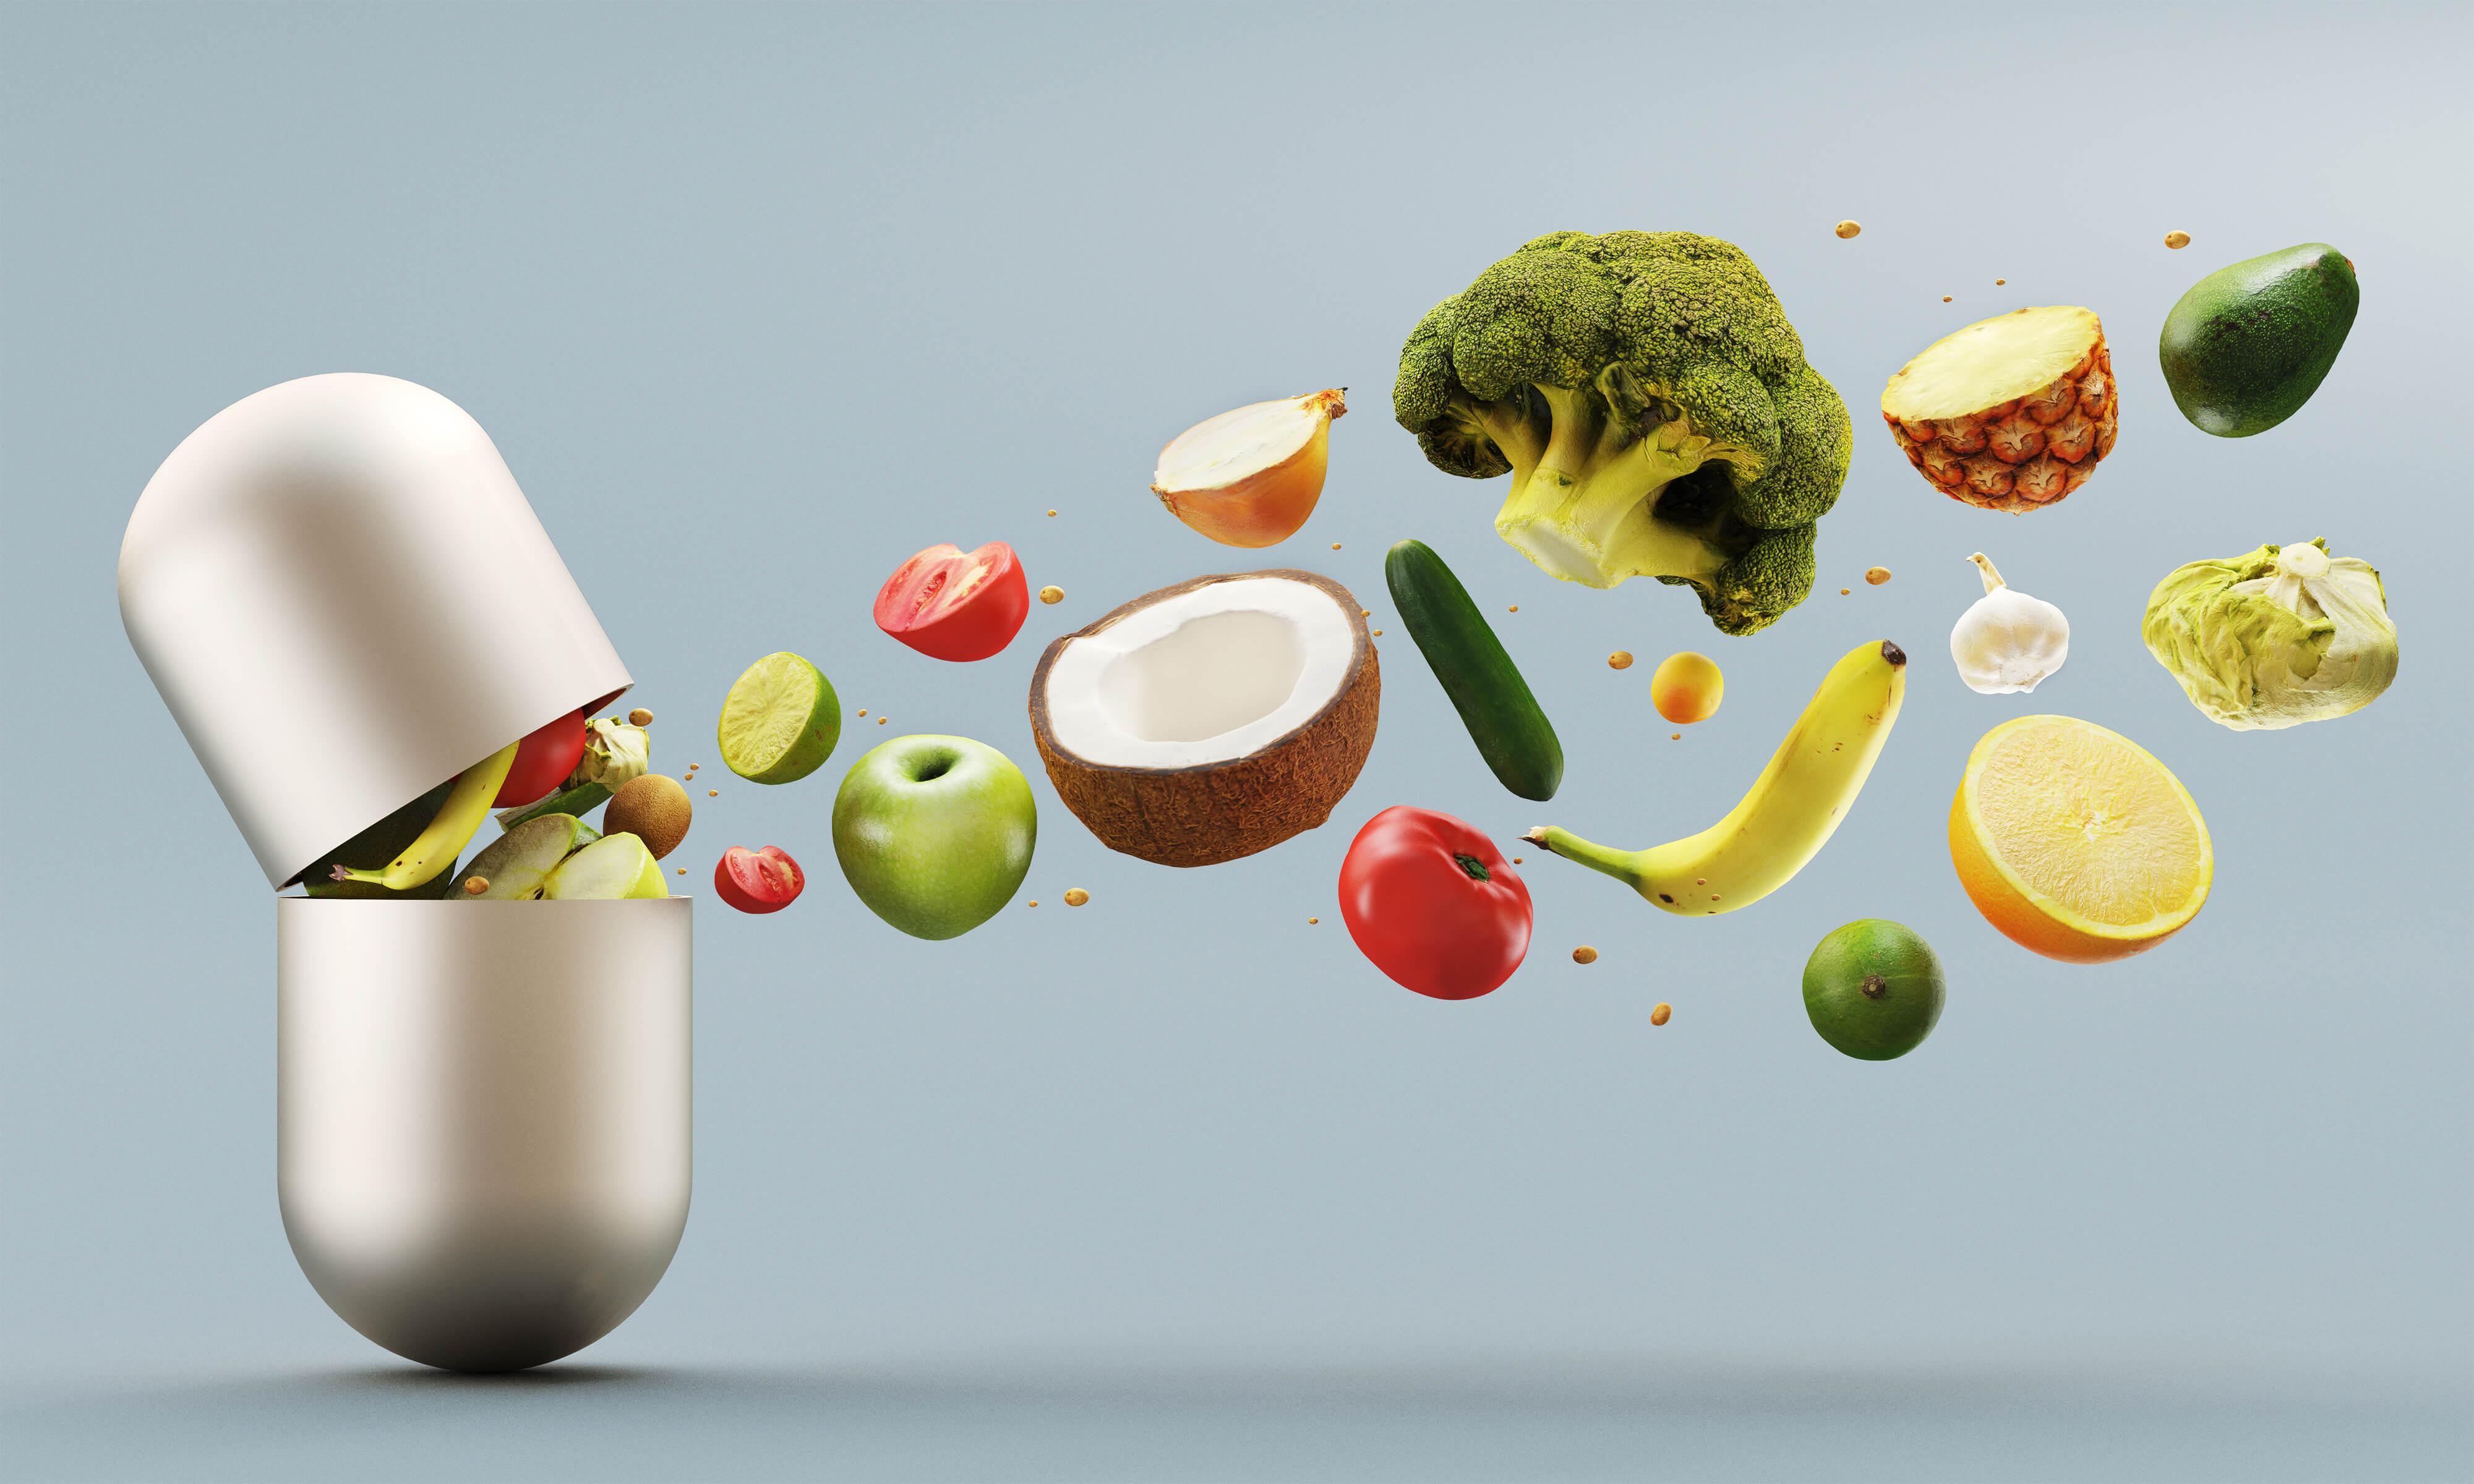 Vitaminpiller med frukt och grönt